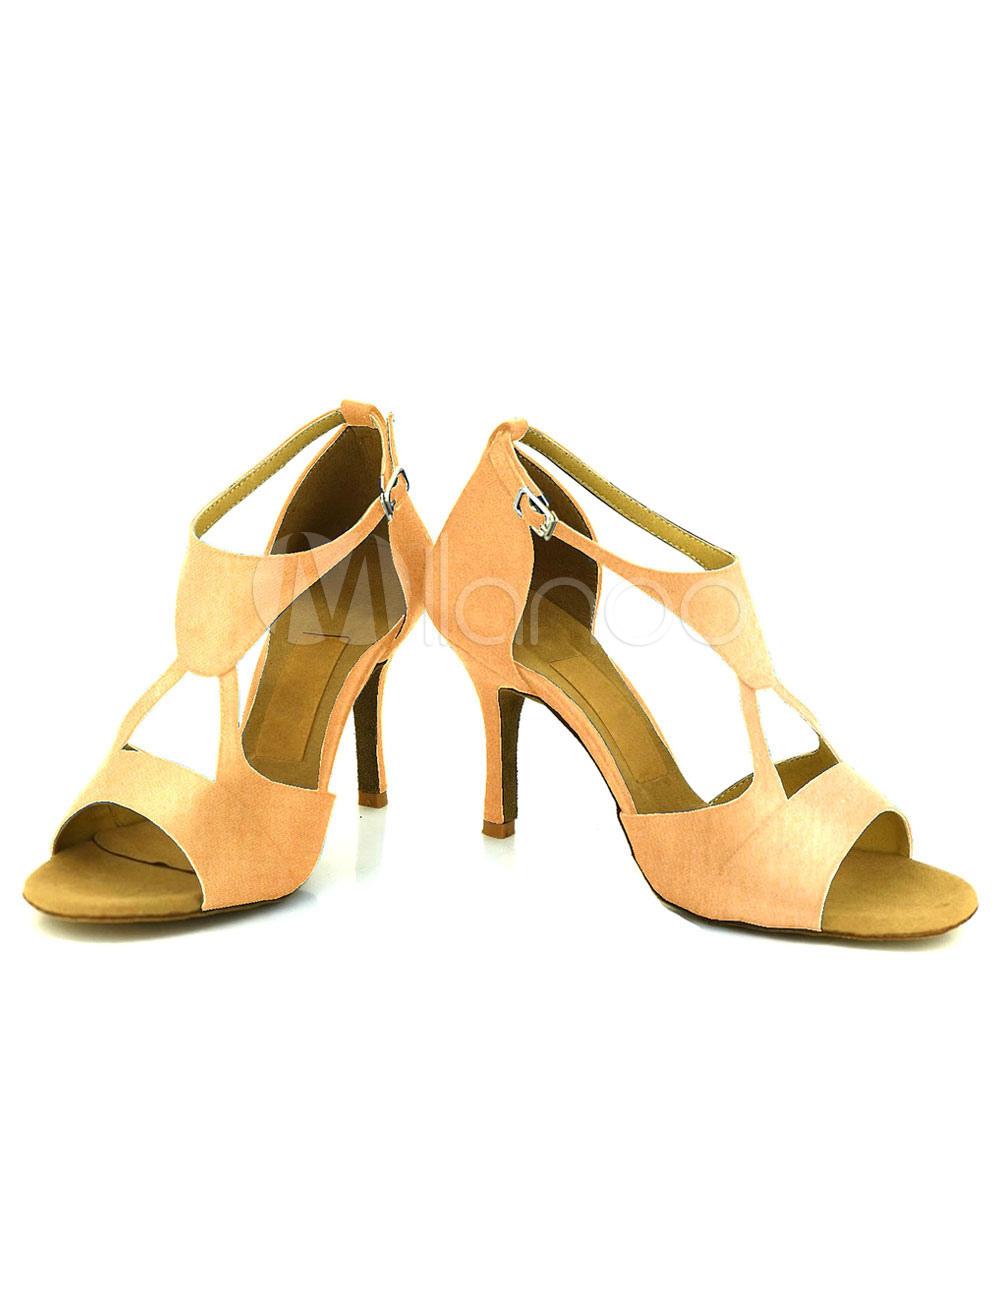 Zapatos de bailes latinos de satén de color albaricoque color liso 3gmOS2